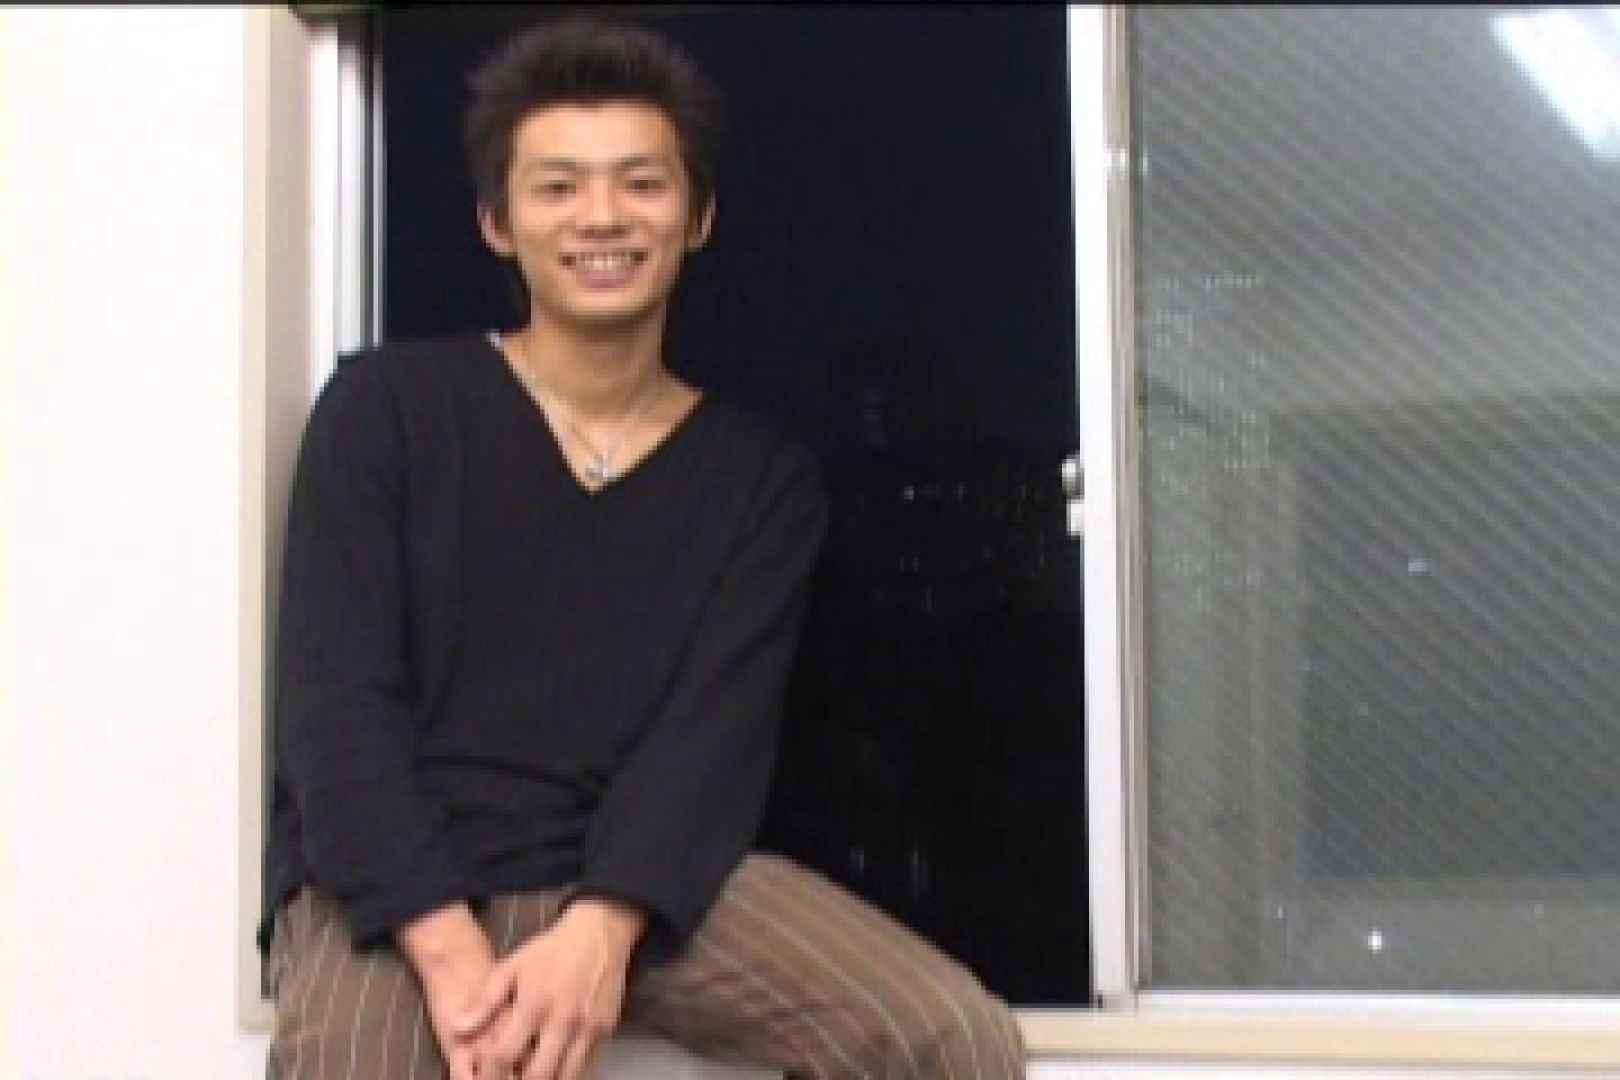 ノンケ君?まさかの初体験!!大学生のPVFile.first day 学生 ゲイエロ動画 75pic 51